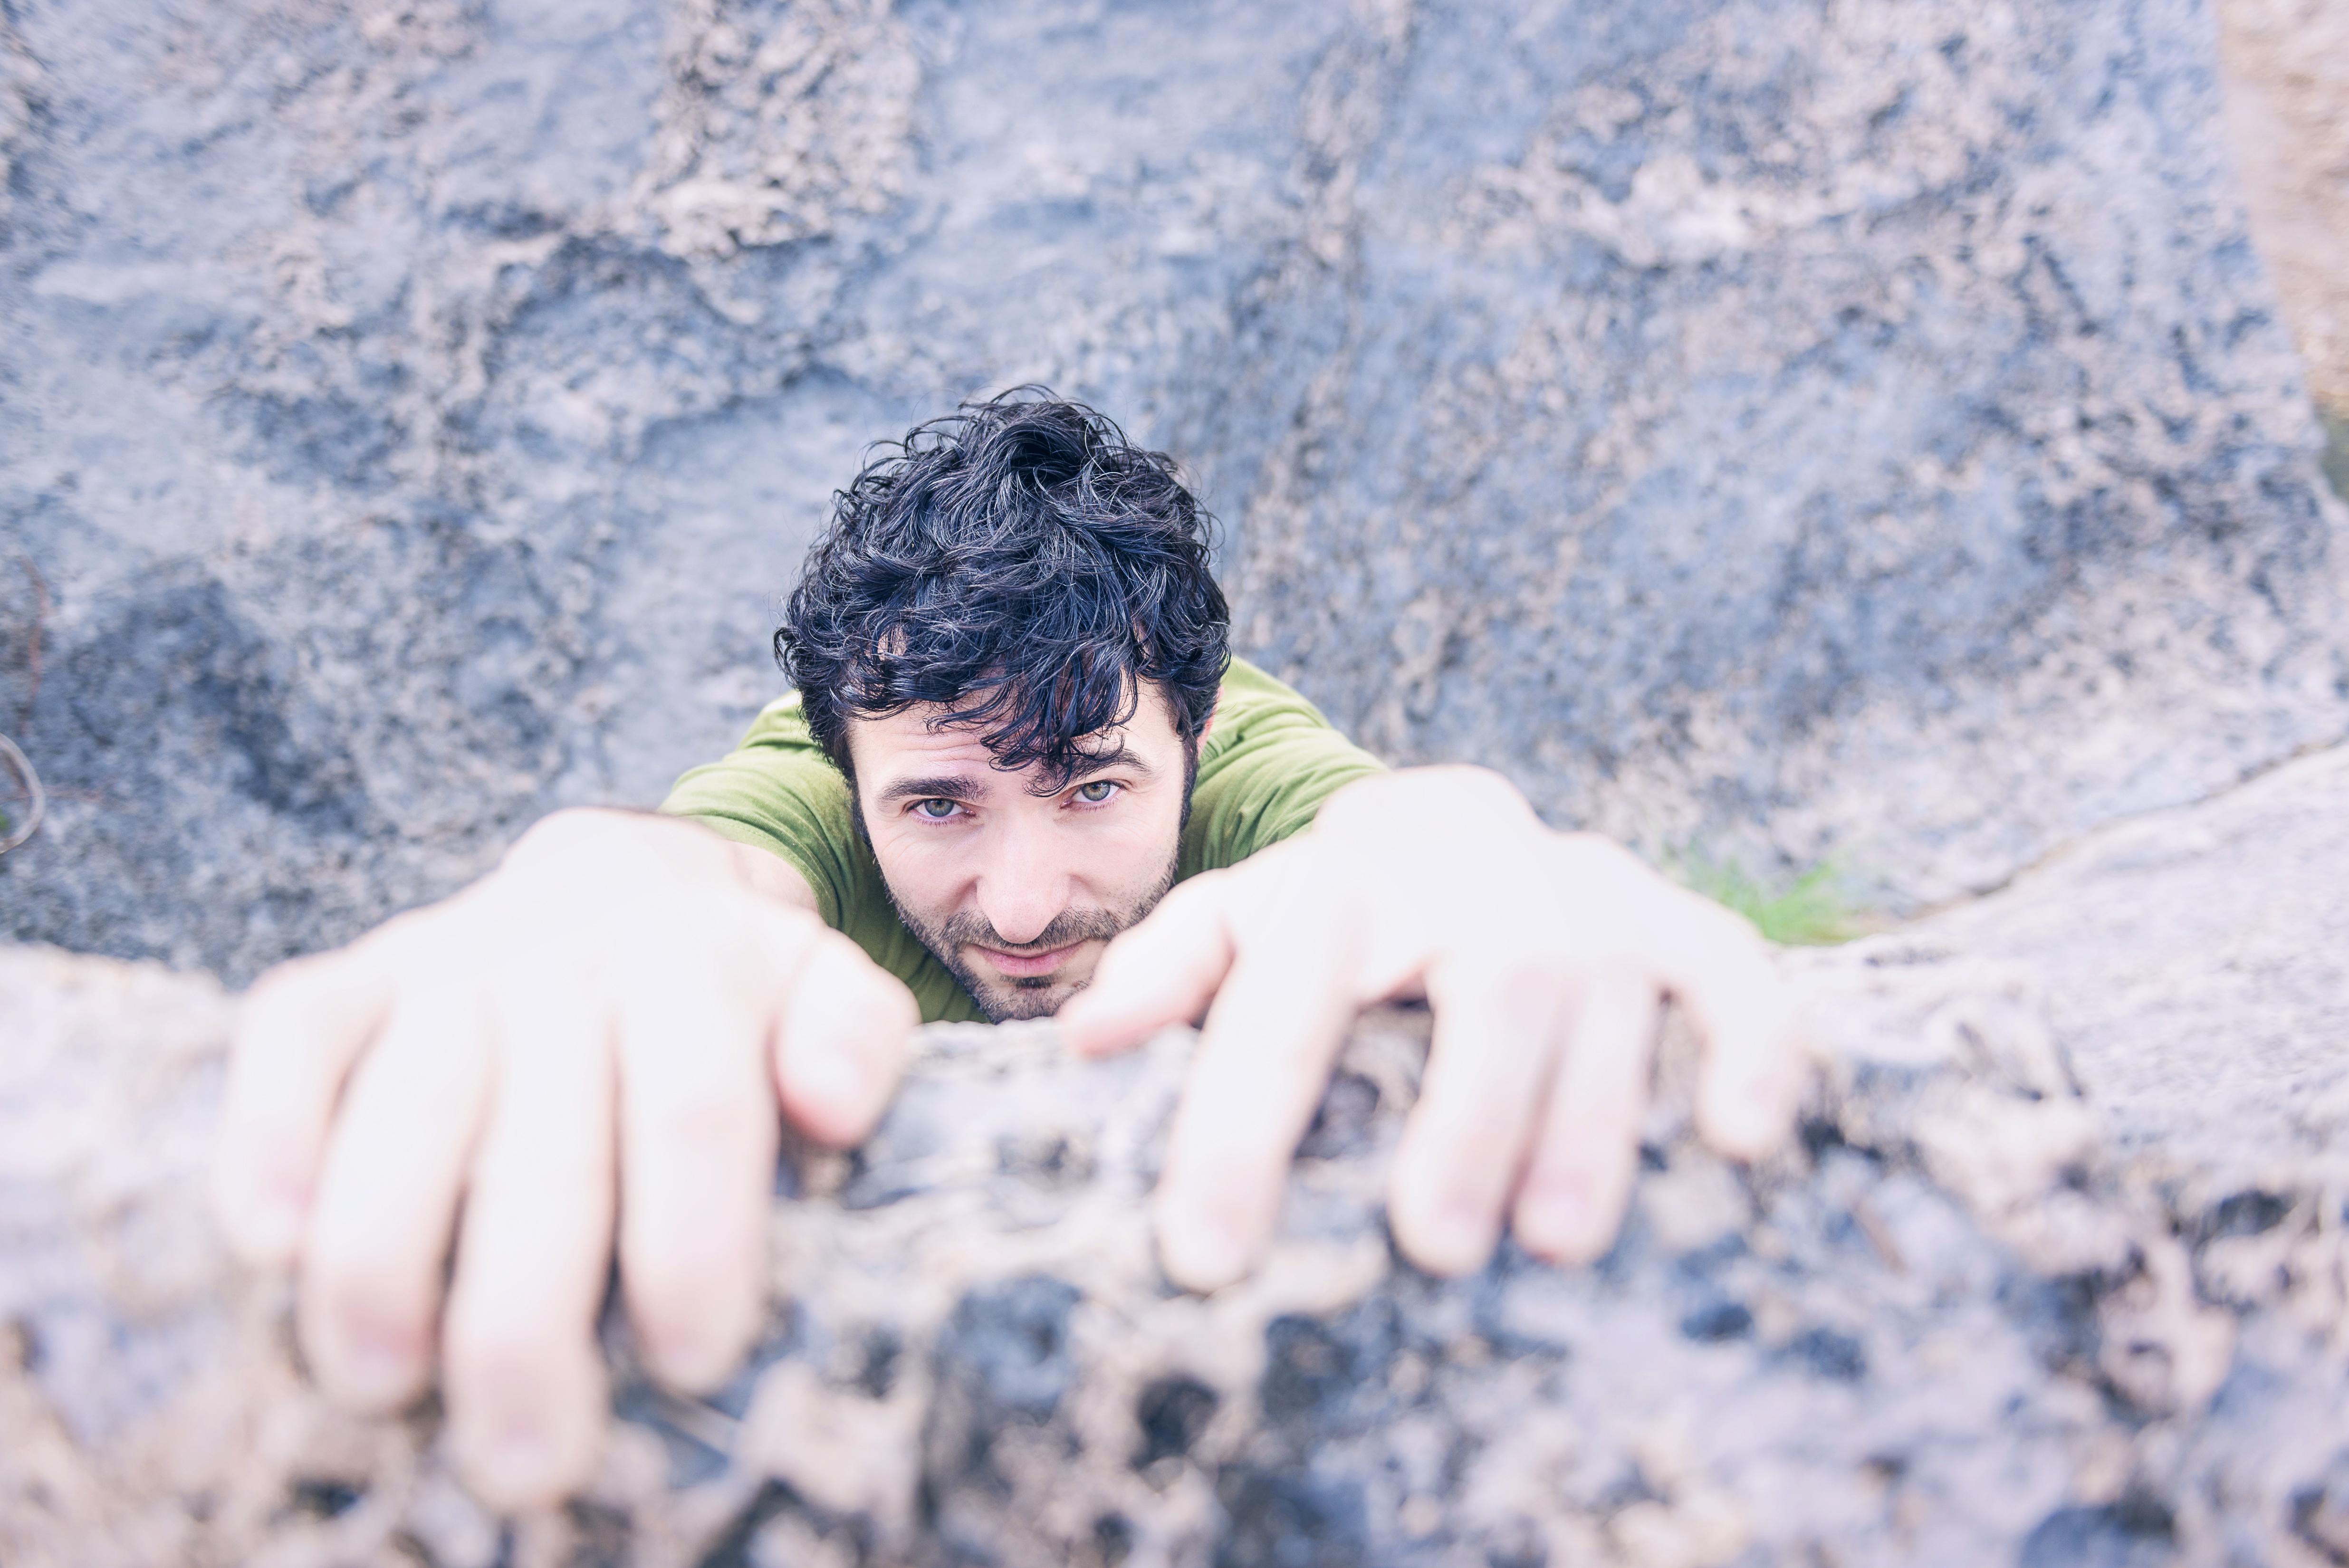 落ちそうになりながら崖っぷちにしがみつく男性